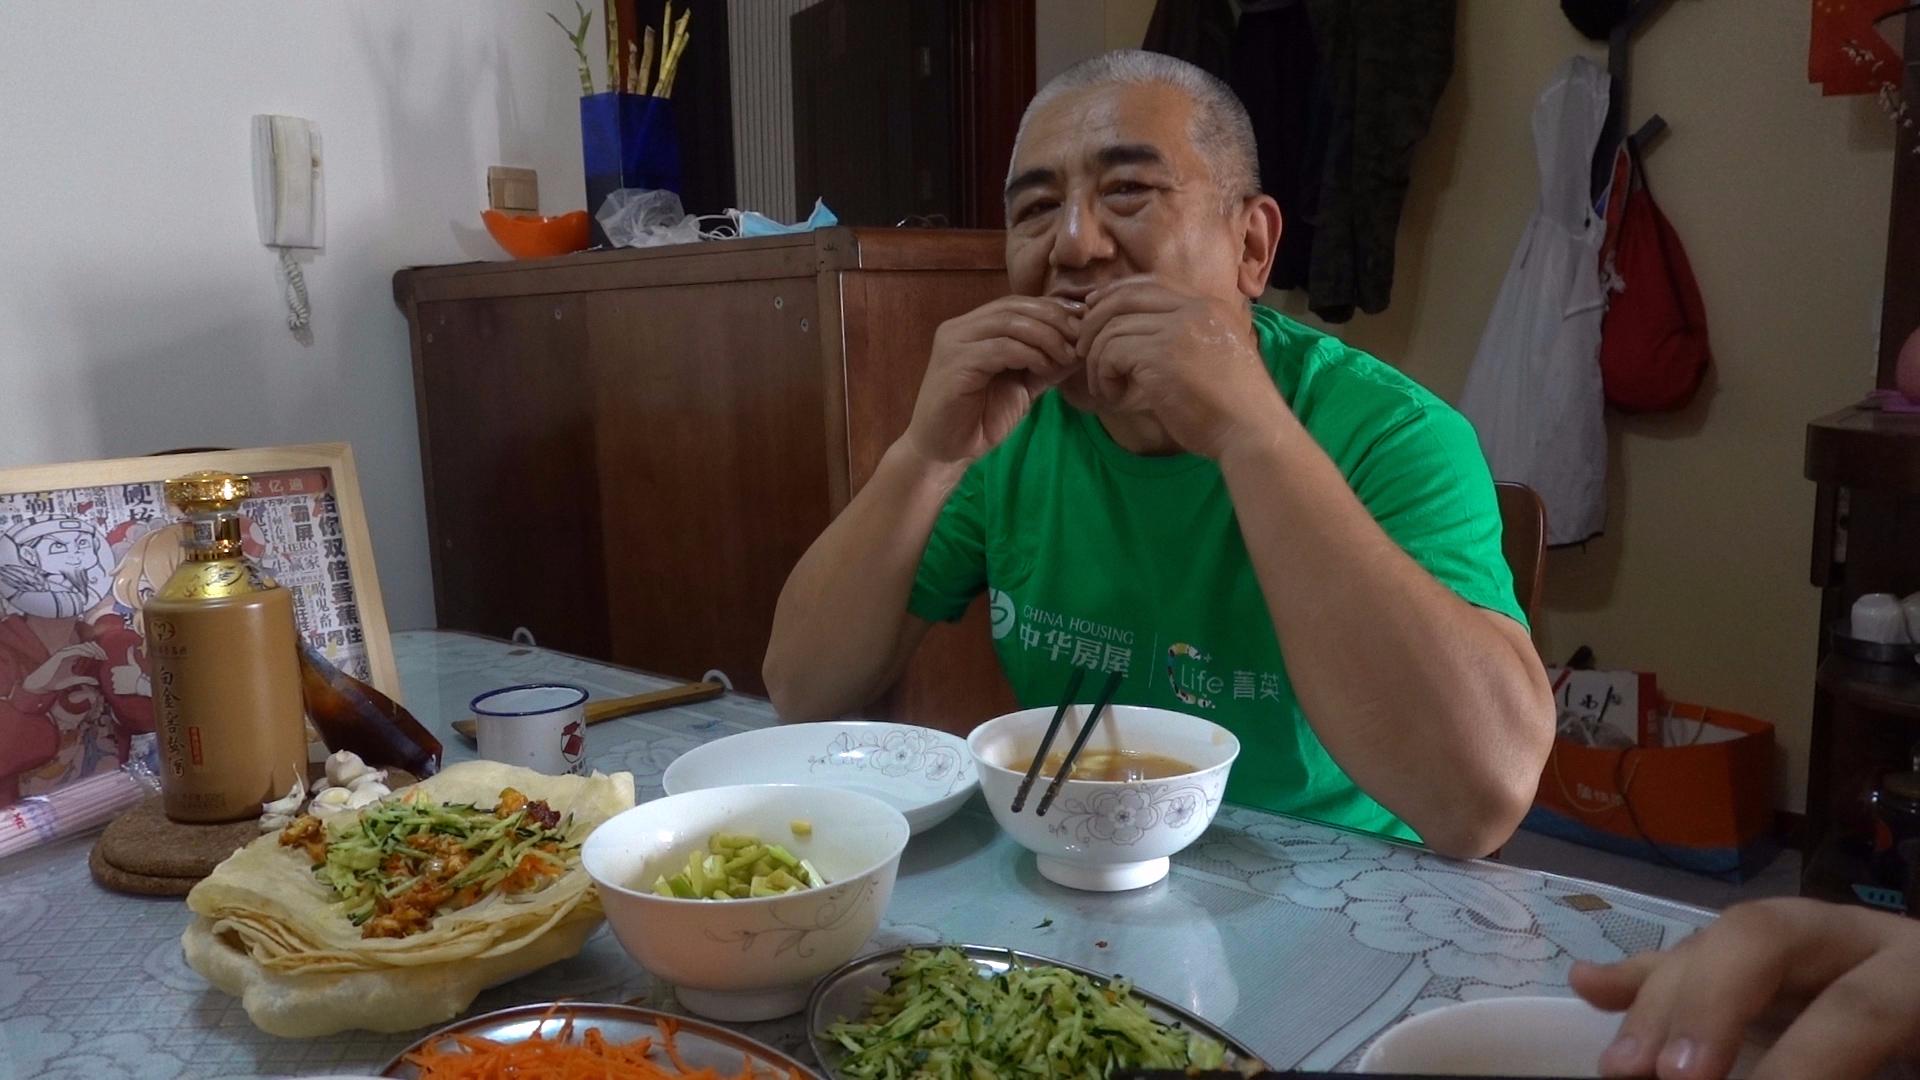 【老司马的日常食堂】司马做卷饼配上胡萝卜丝黄瓜丝绿豆芽清淡爽口,疙瘩汤嘛,翻车了